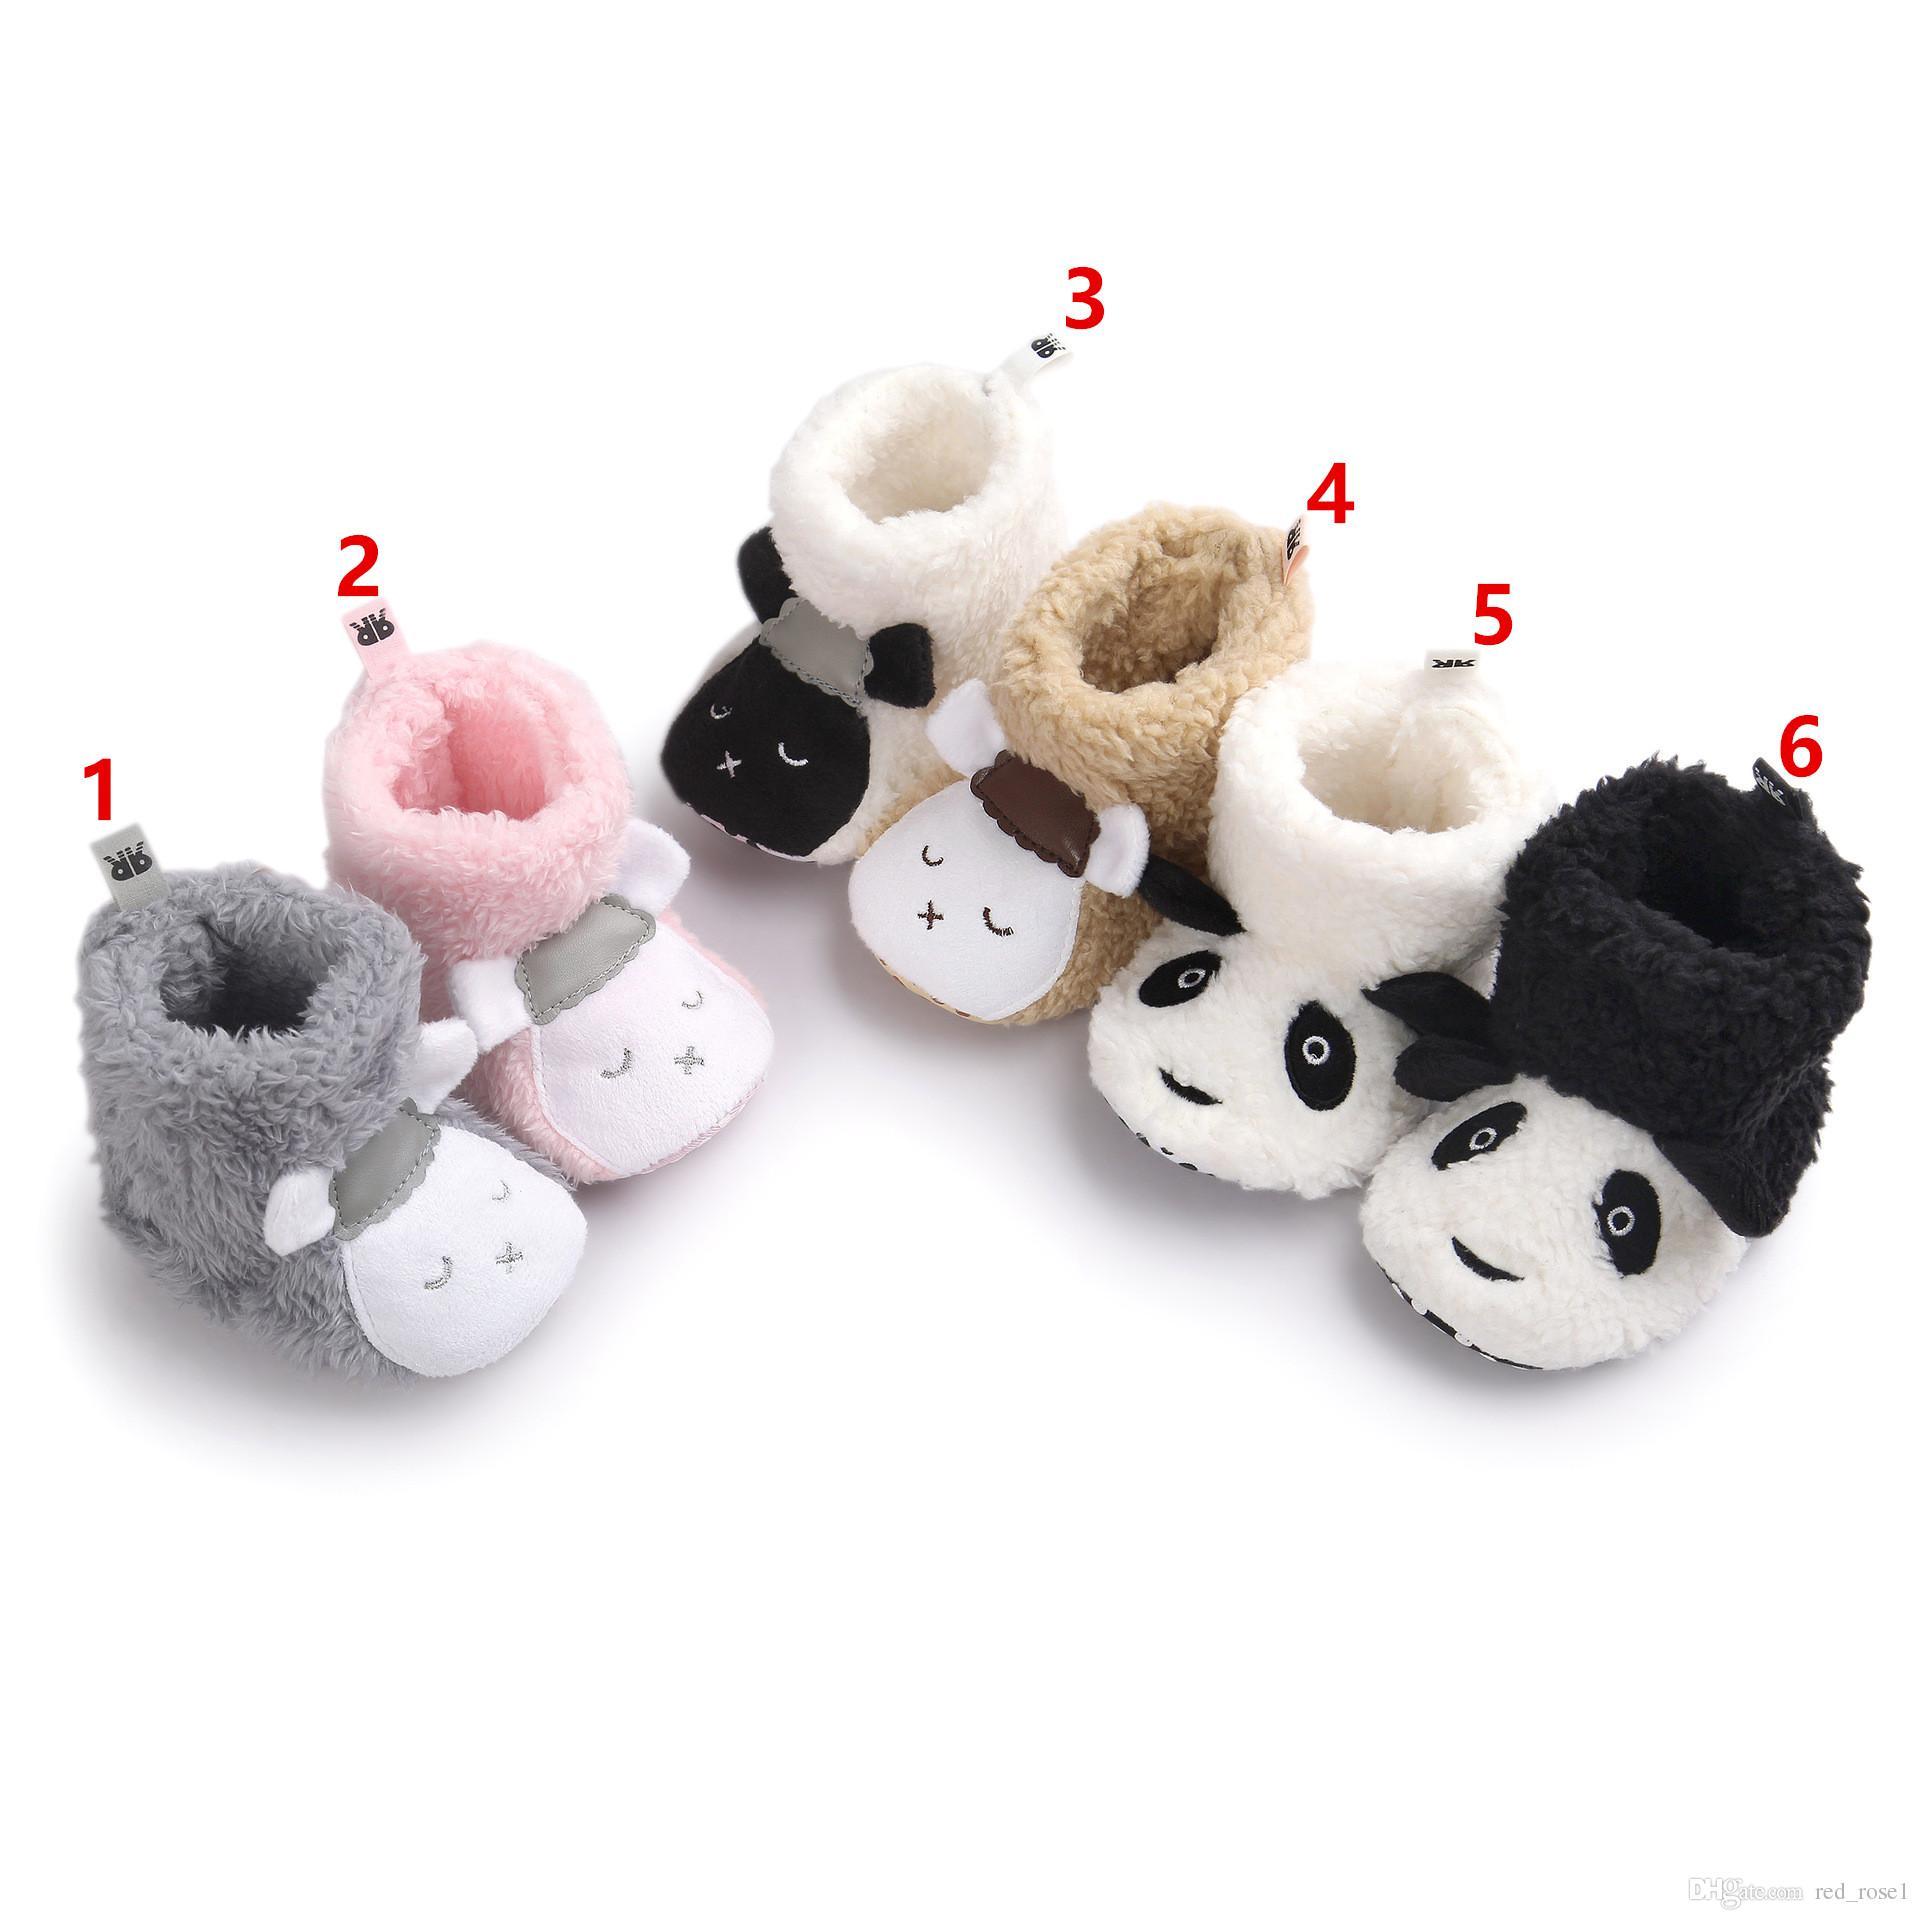 Winter Nette Panda Tier Stil Baby Stiefel Baby Jungen Mädchen Erste Wanderer Schuhe Baby Cartoon Booties Säugling Kleinkind Schuhe